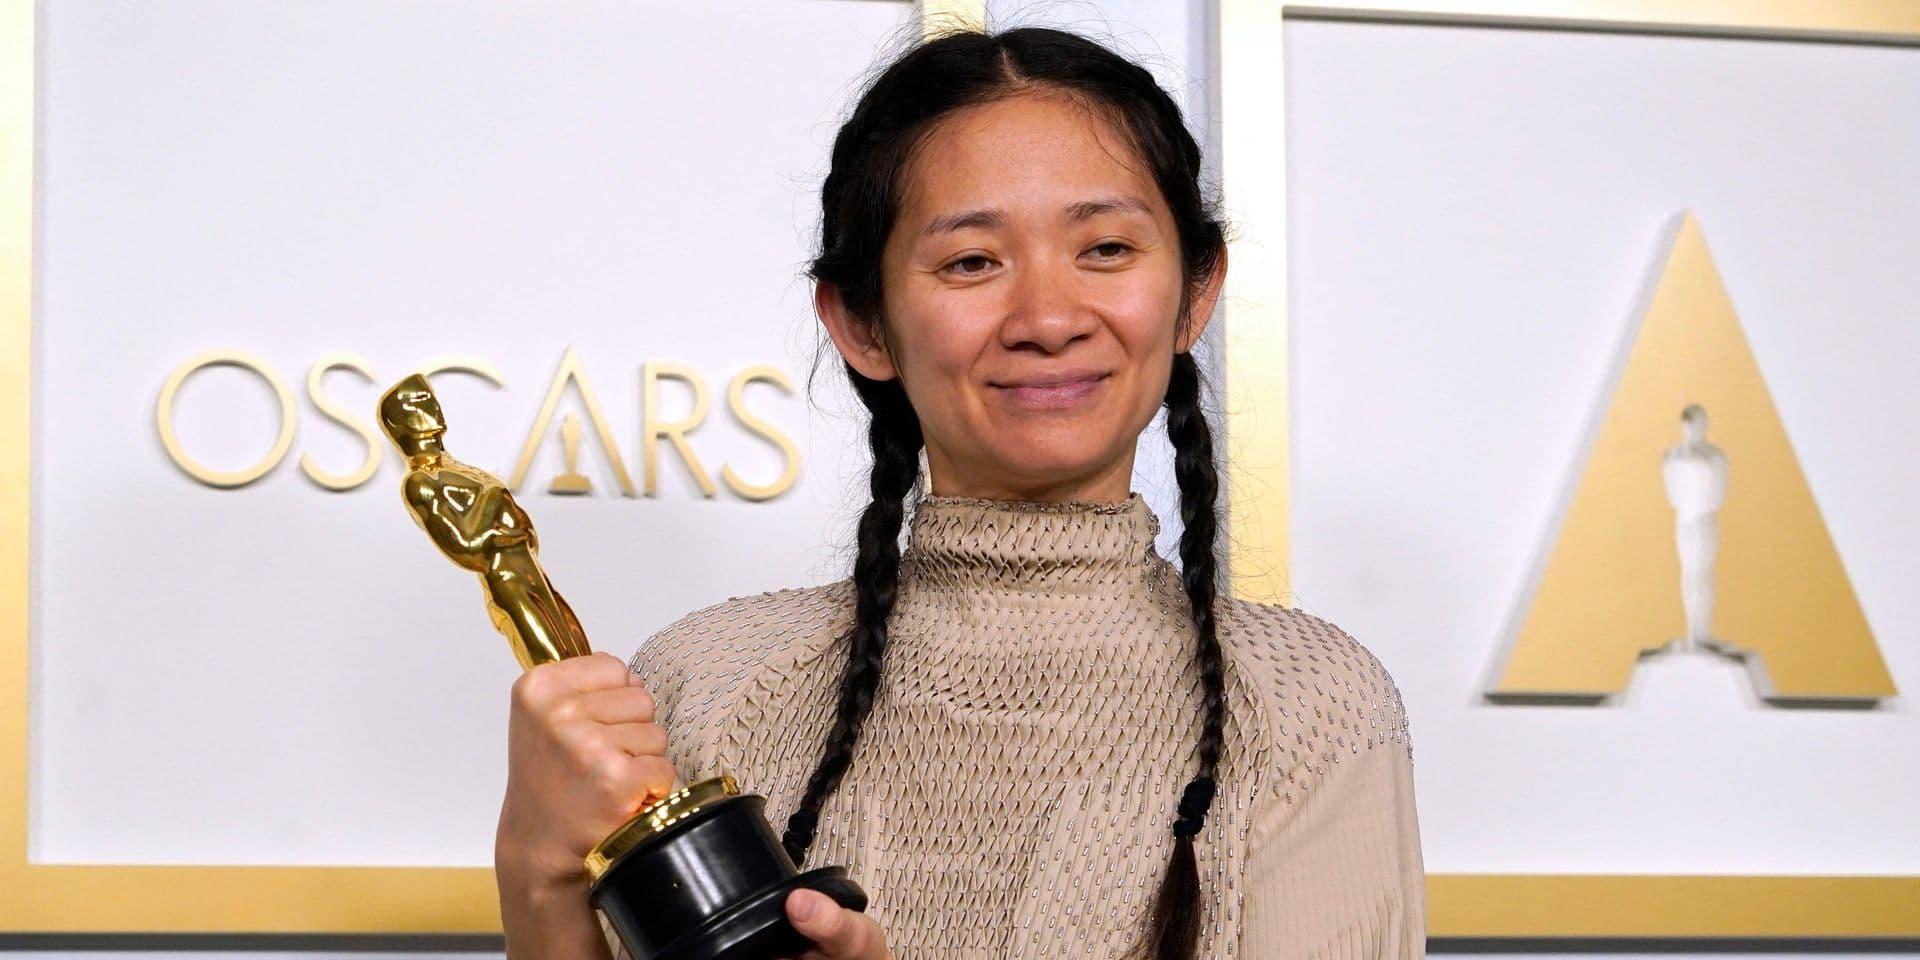 Des Oscars historiques, placés sous le signe de l'inclusion, des femmes et du triomphe de Nomadland: découvrez le palmarès complet